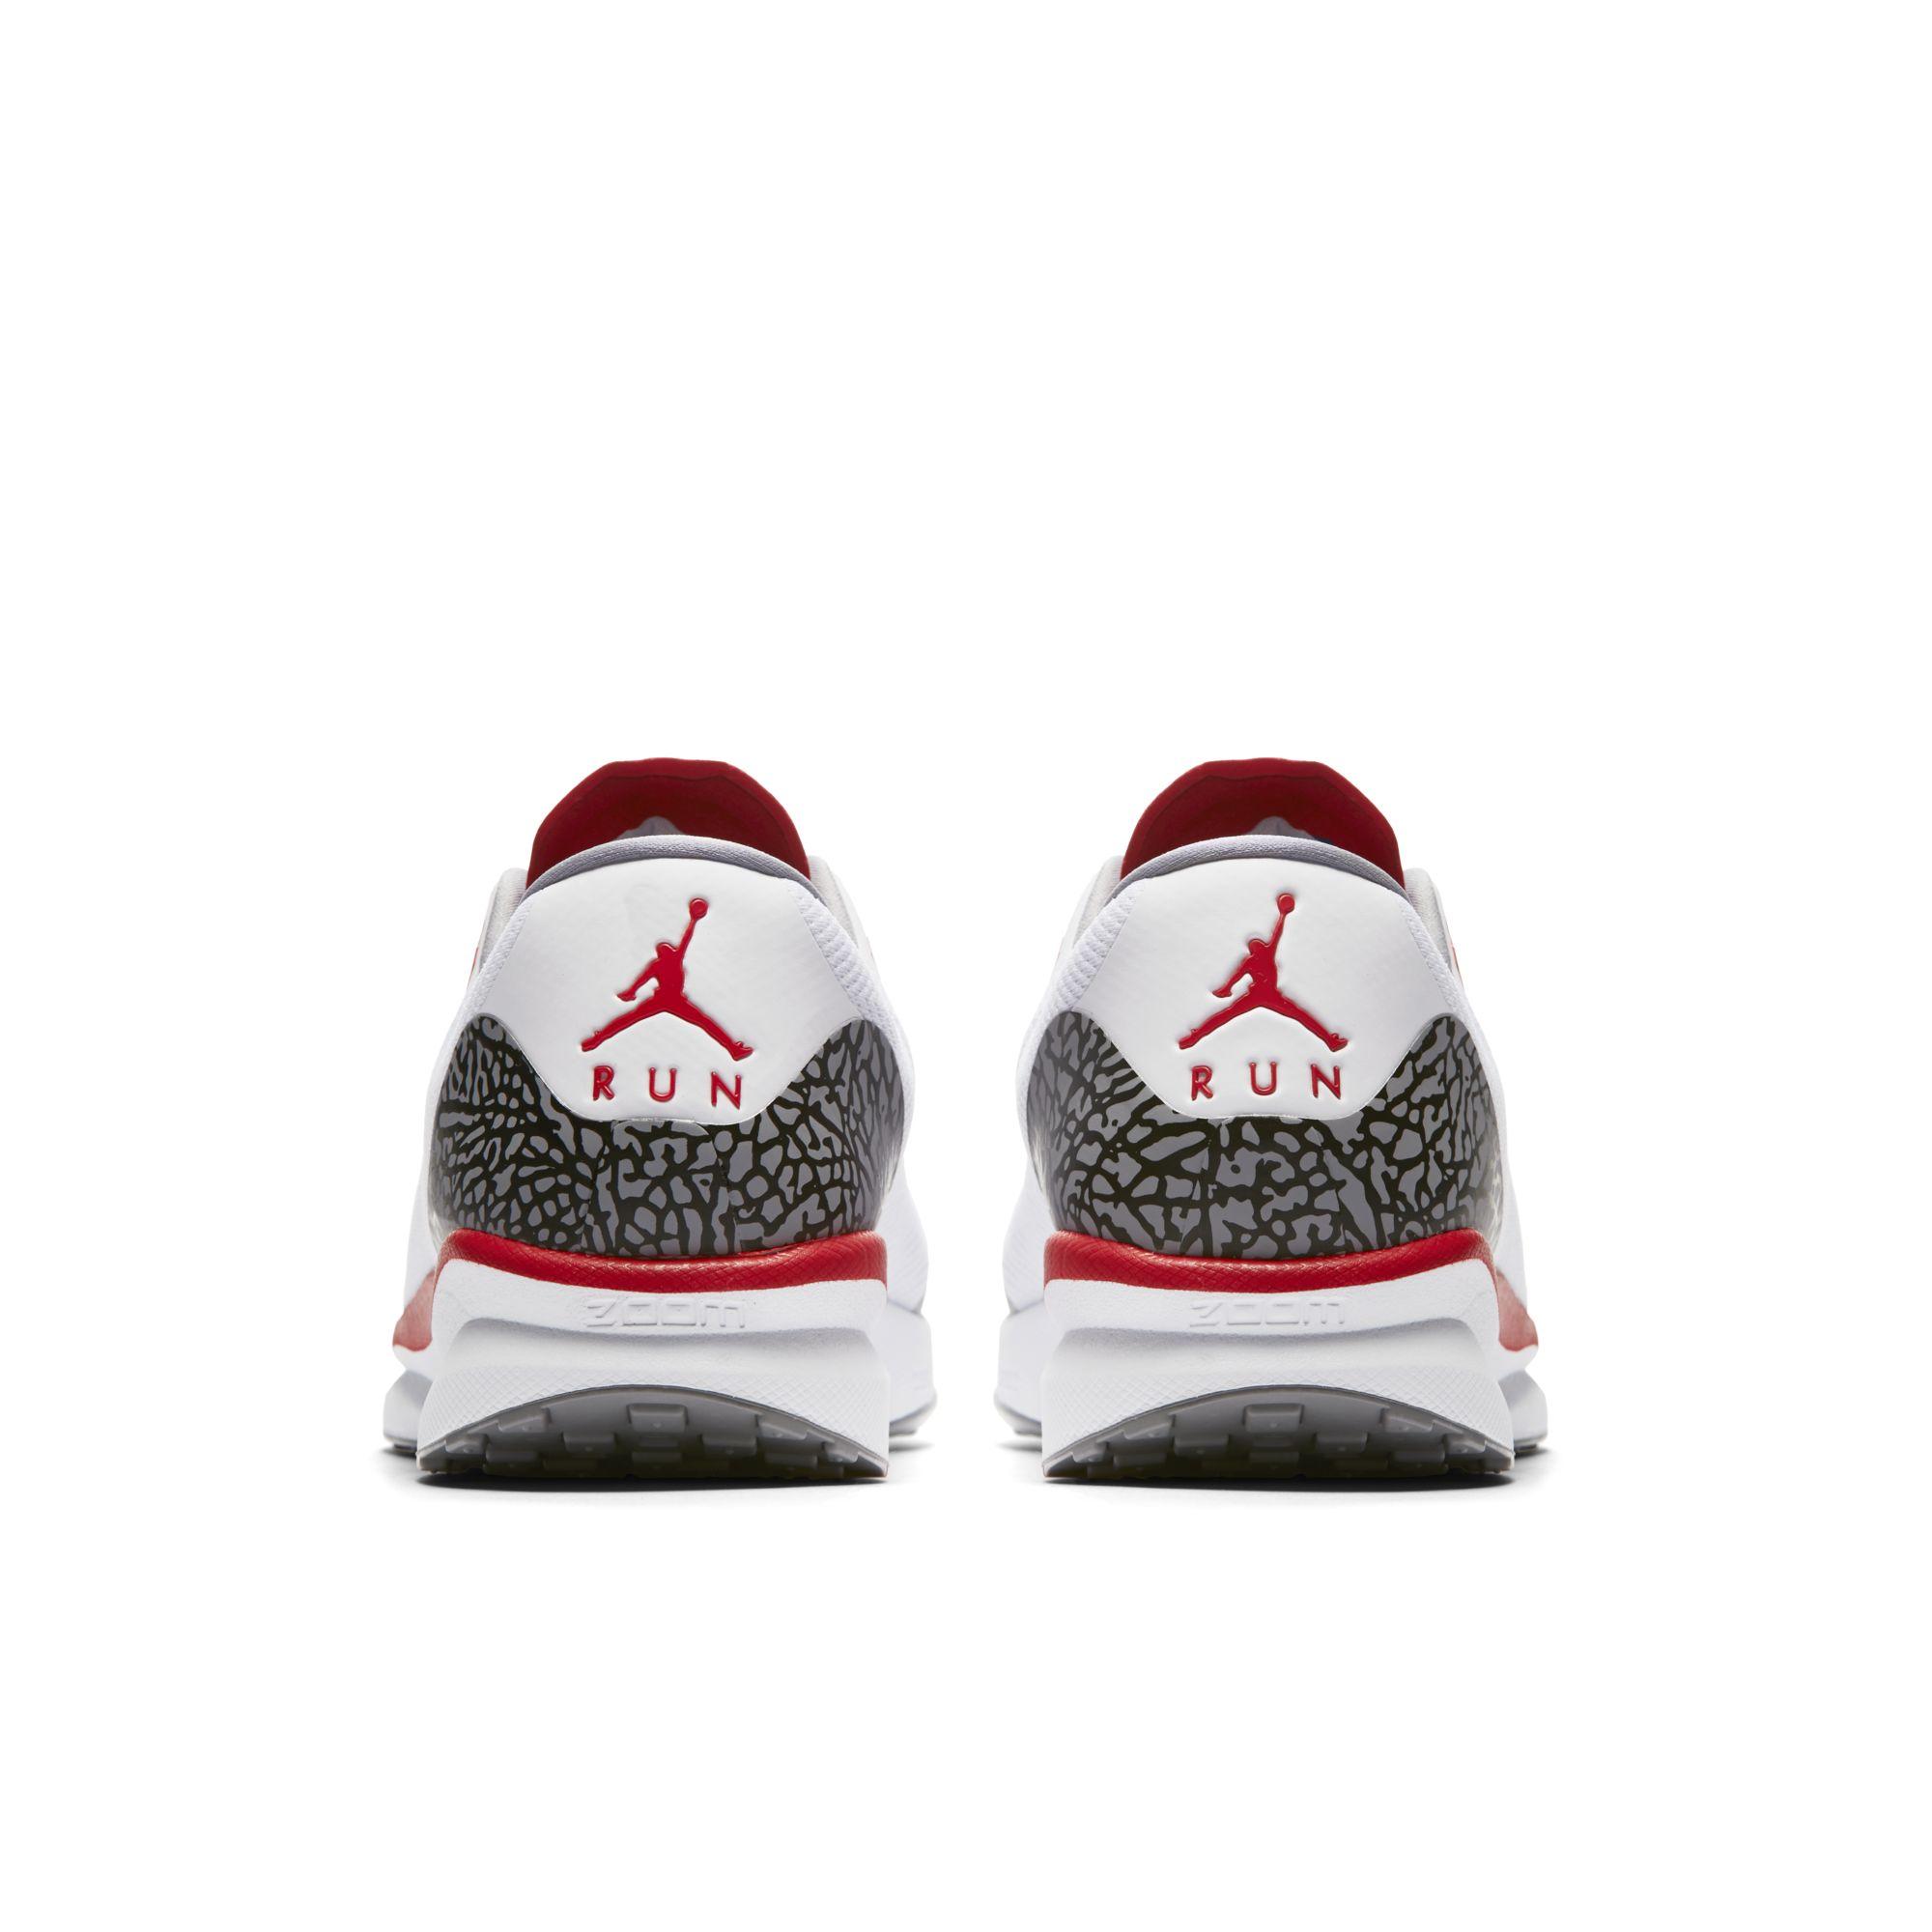 The Latest Jordan Zoom Tenacity 88 Honors the Air Jordan 3 ...